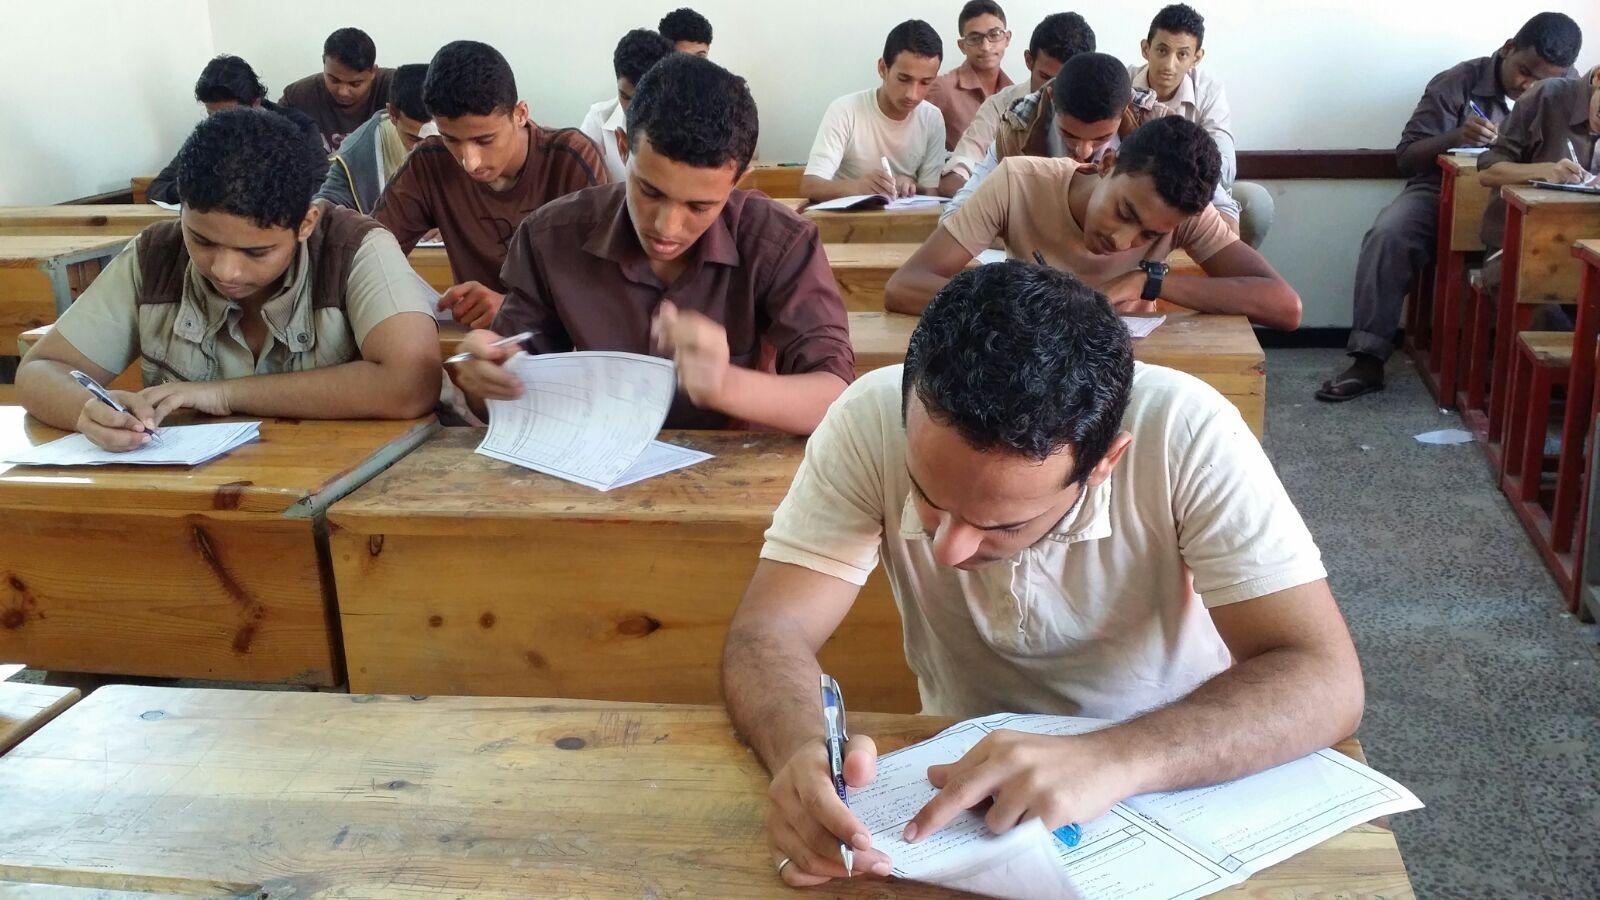 تعاون 6 وزارات وجهات سيادية مع وزارة التربية والتعليم لامتحانات الثانوية العامة